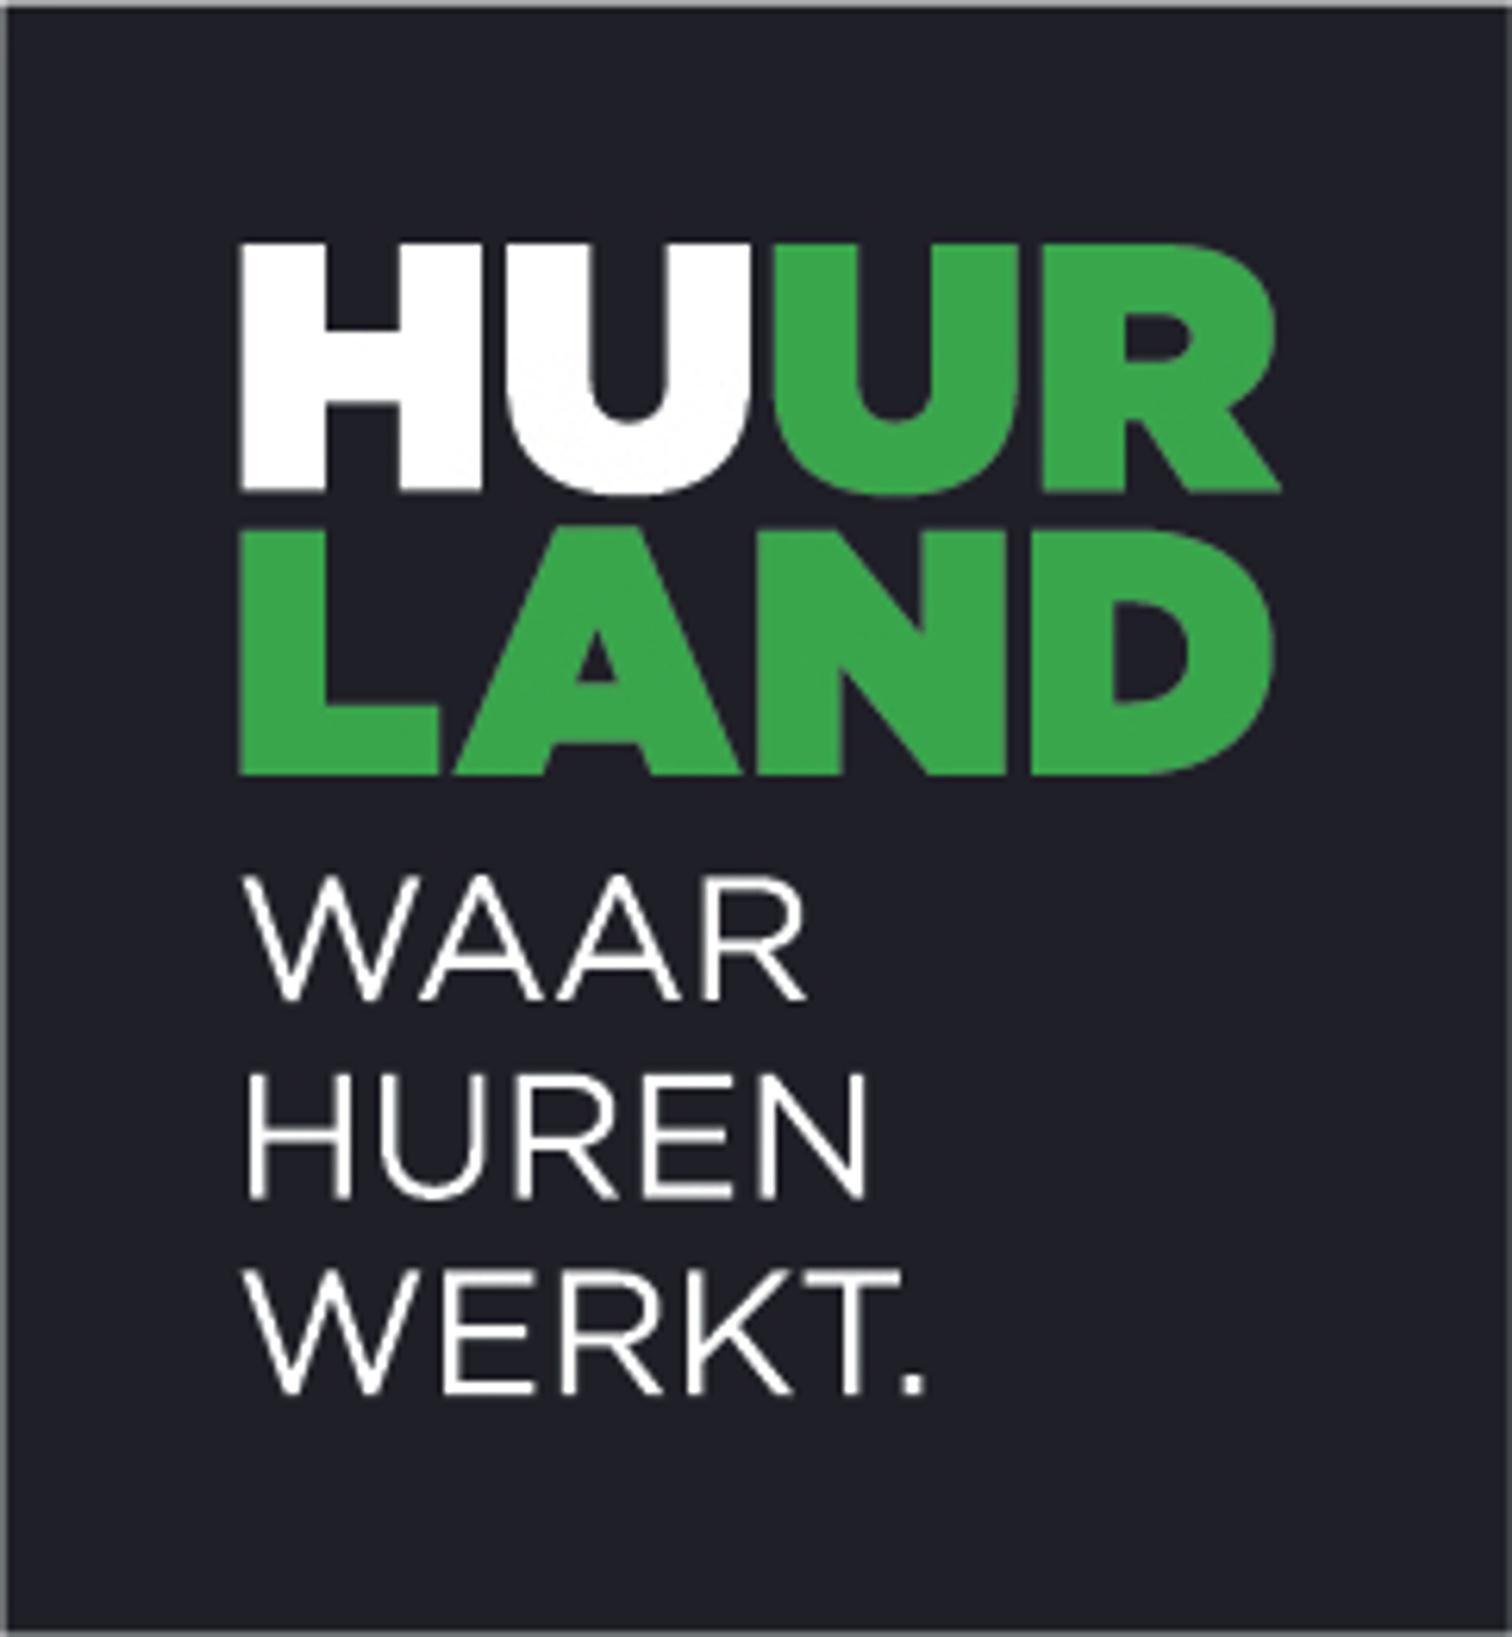 logo Huurland Zellik